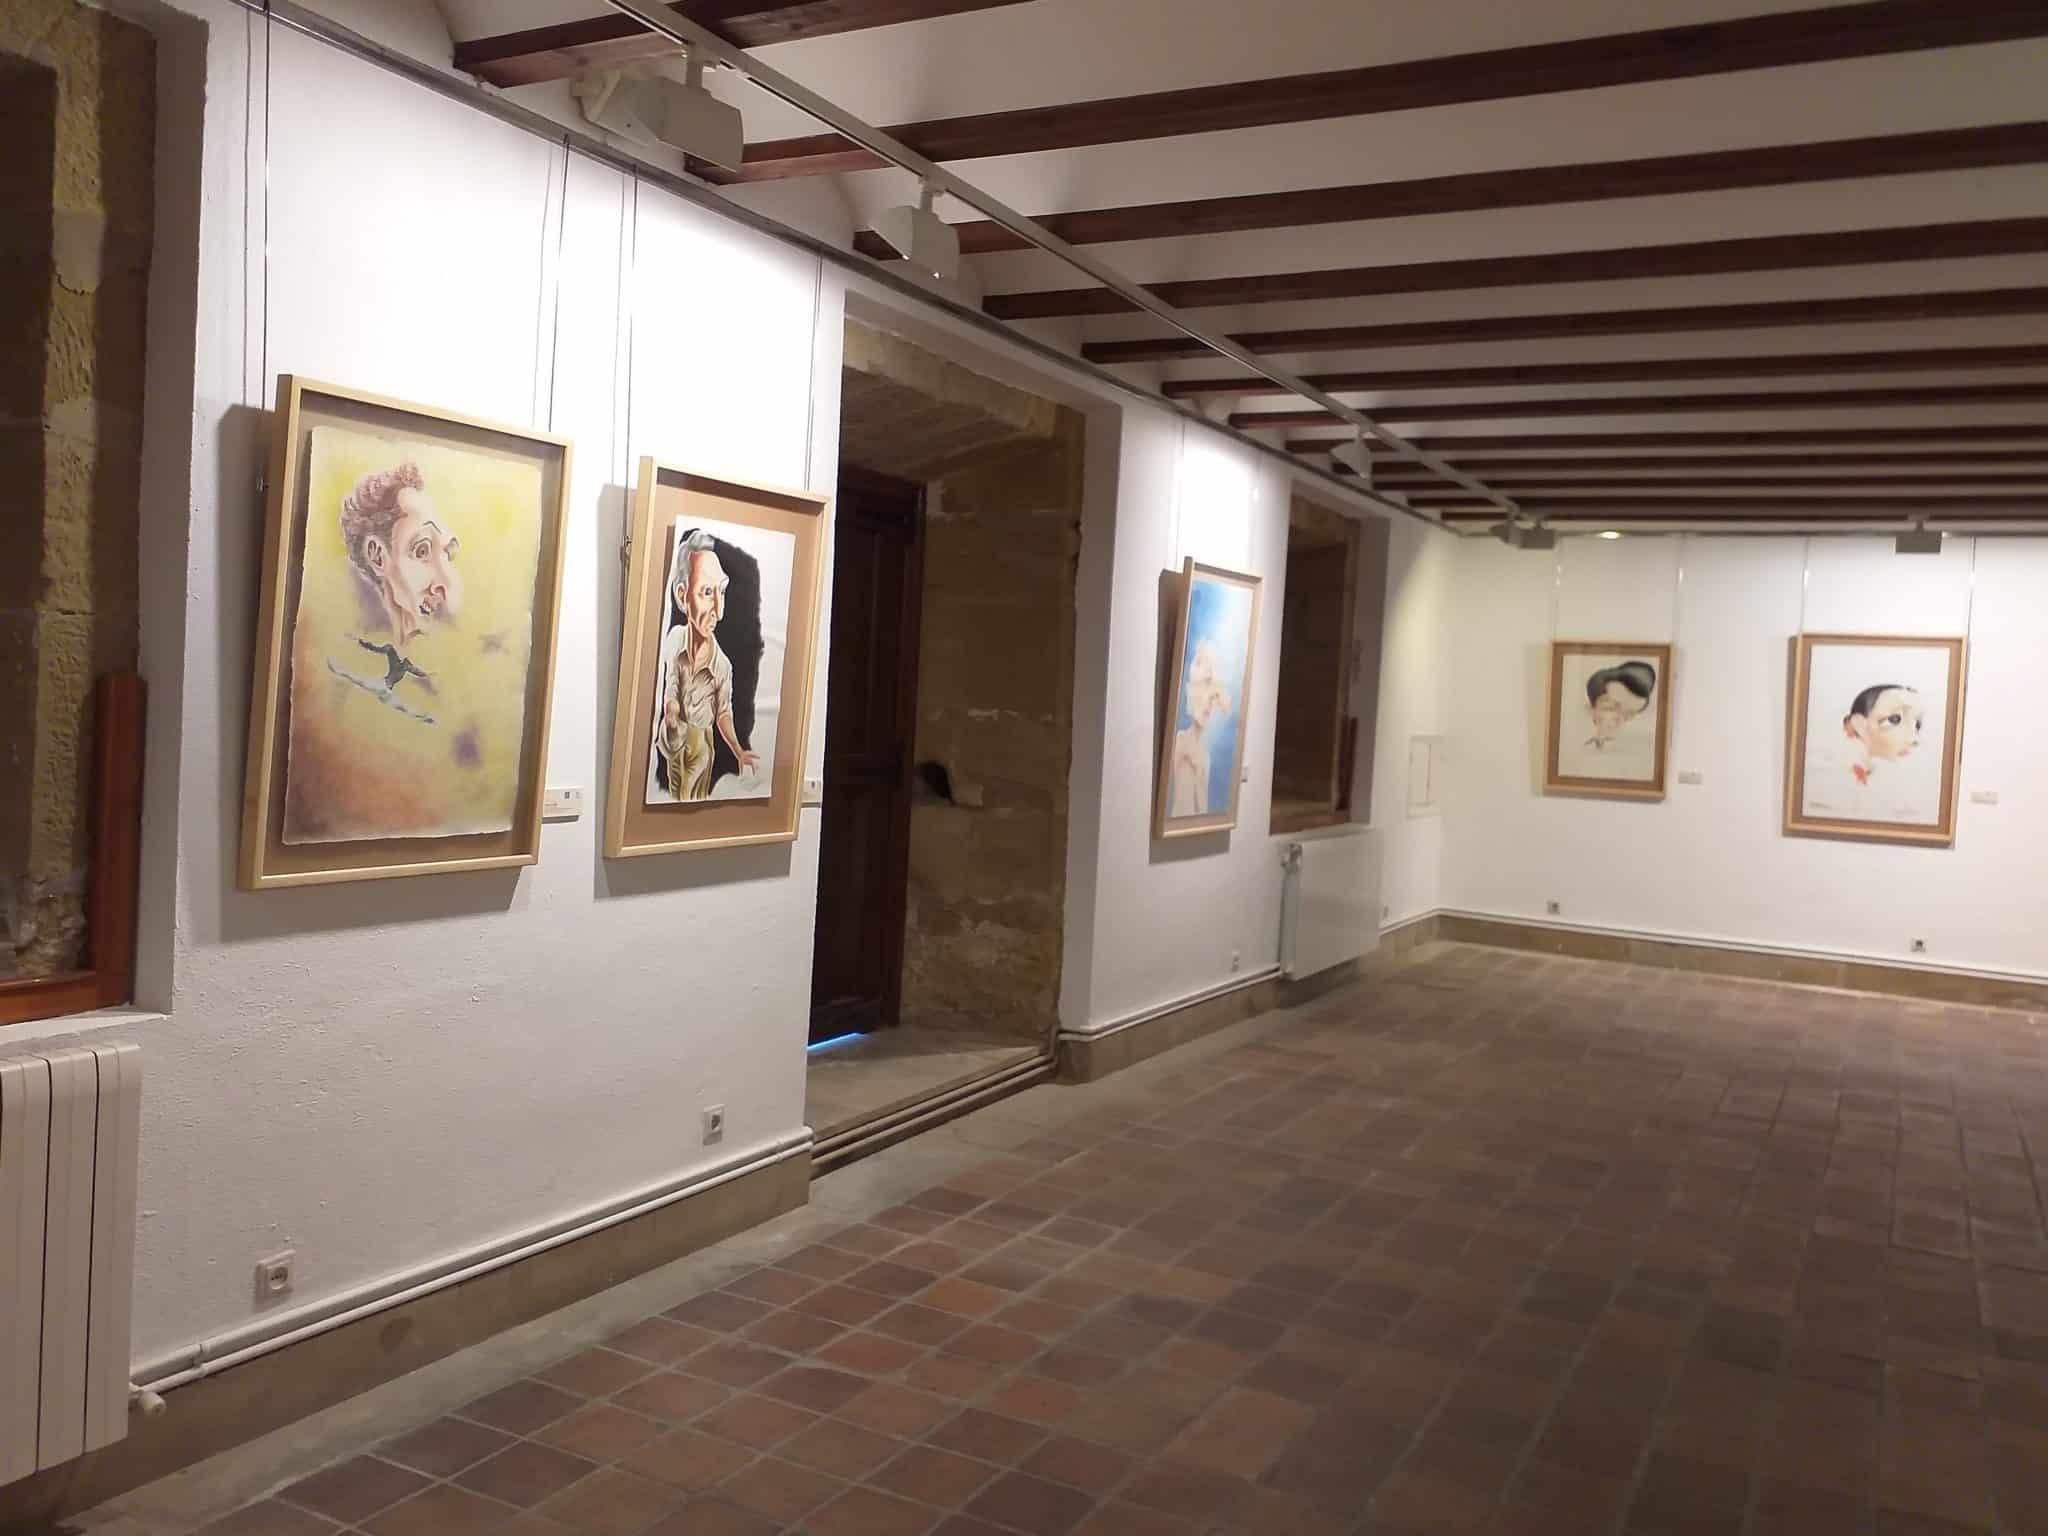 El Centro Fundación Caja Rioja-Bankia de Haro acoge una exposición de caricaturas del mexicano Fredy Rodríguez 3